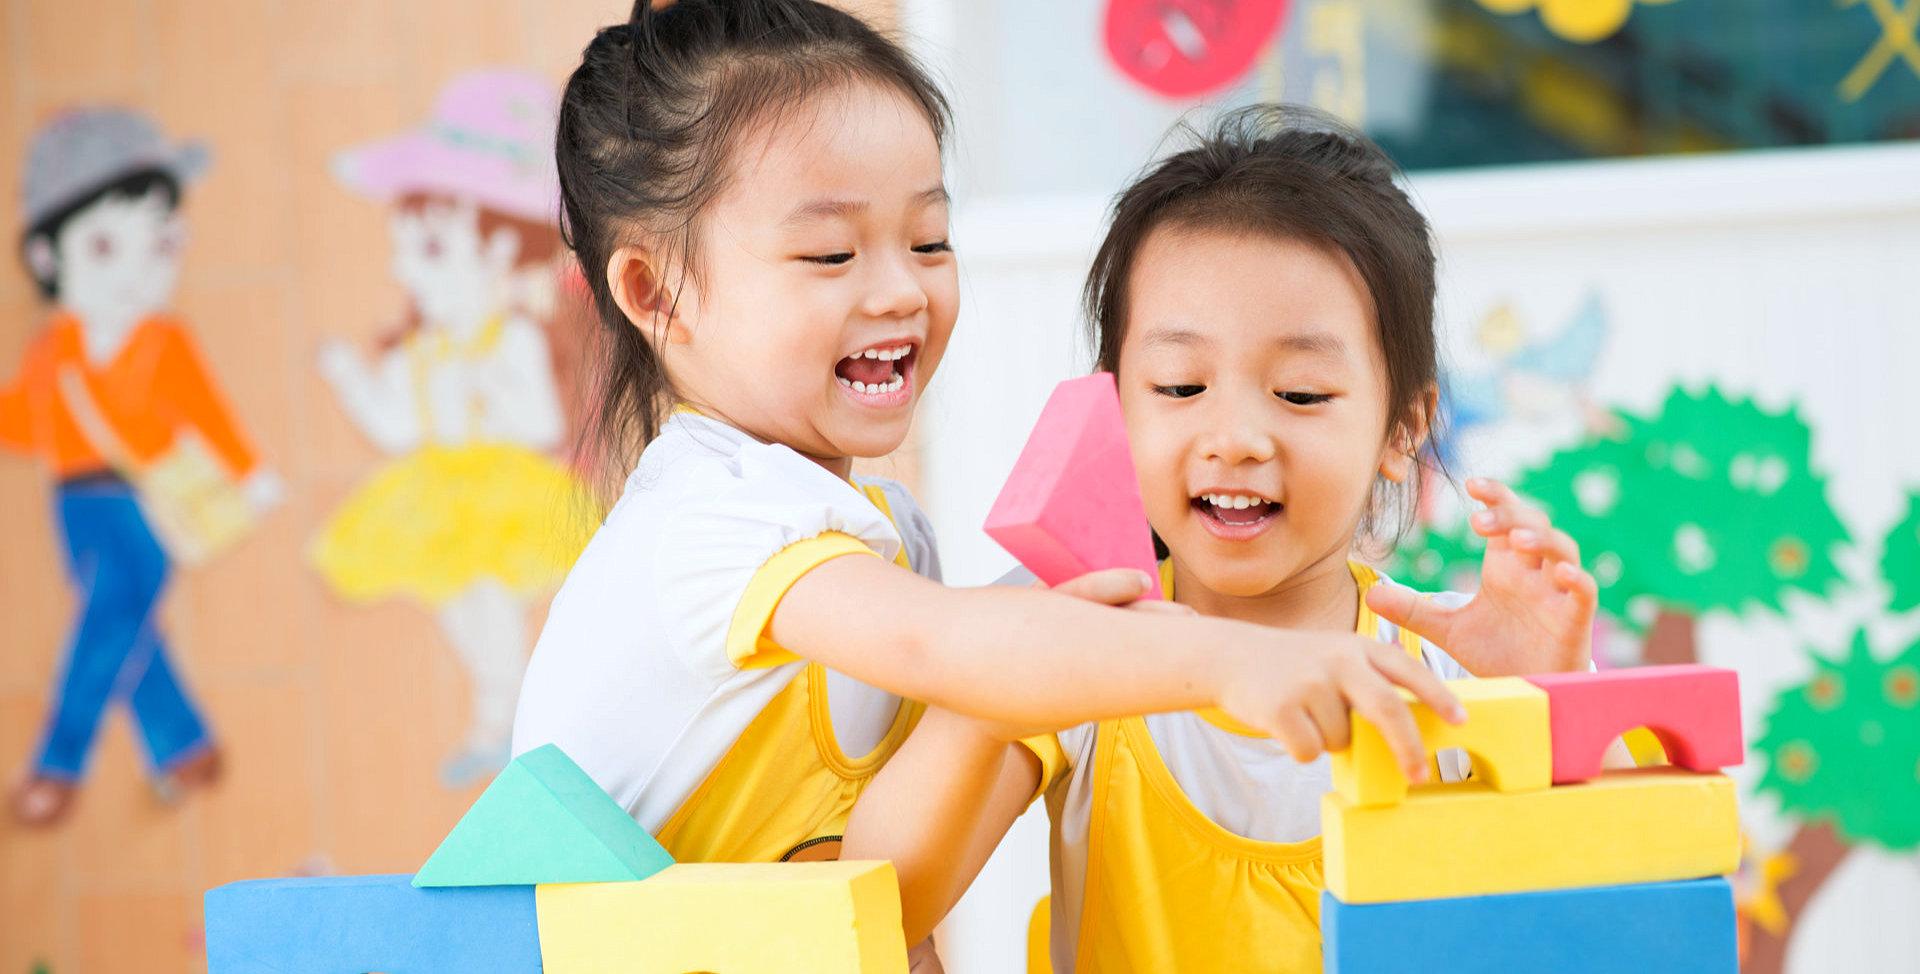 asian kids playing